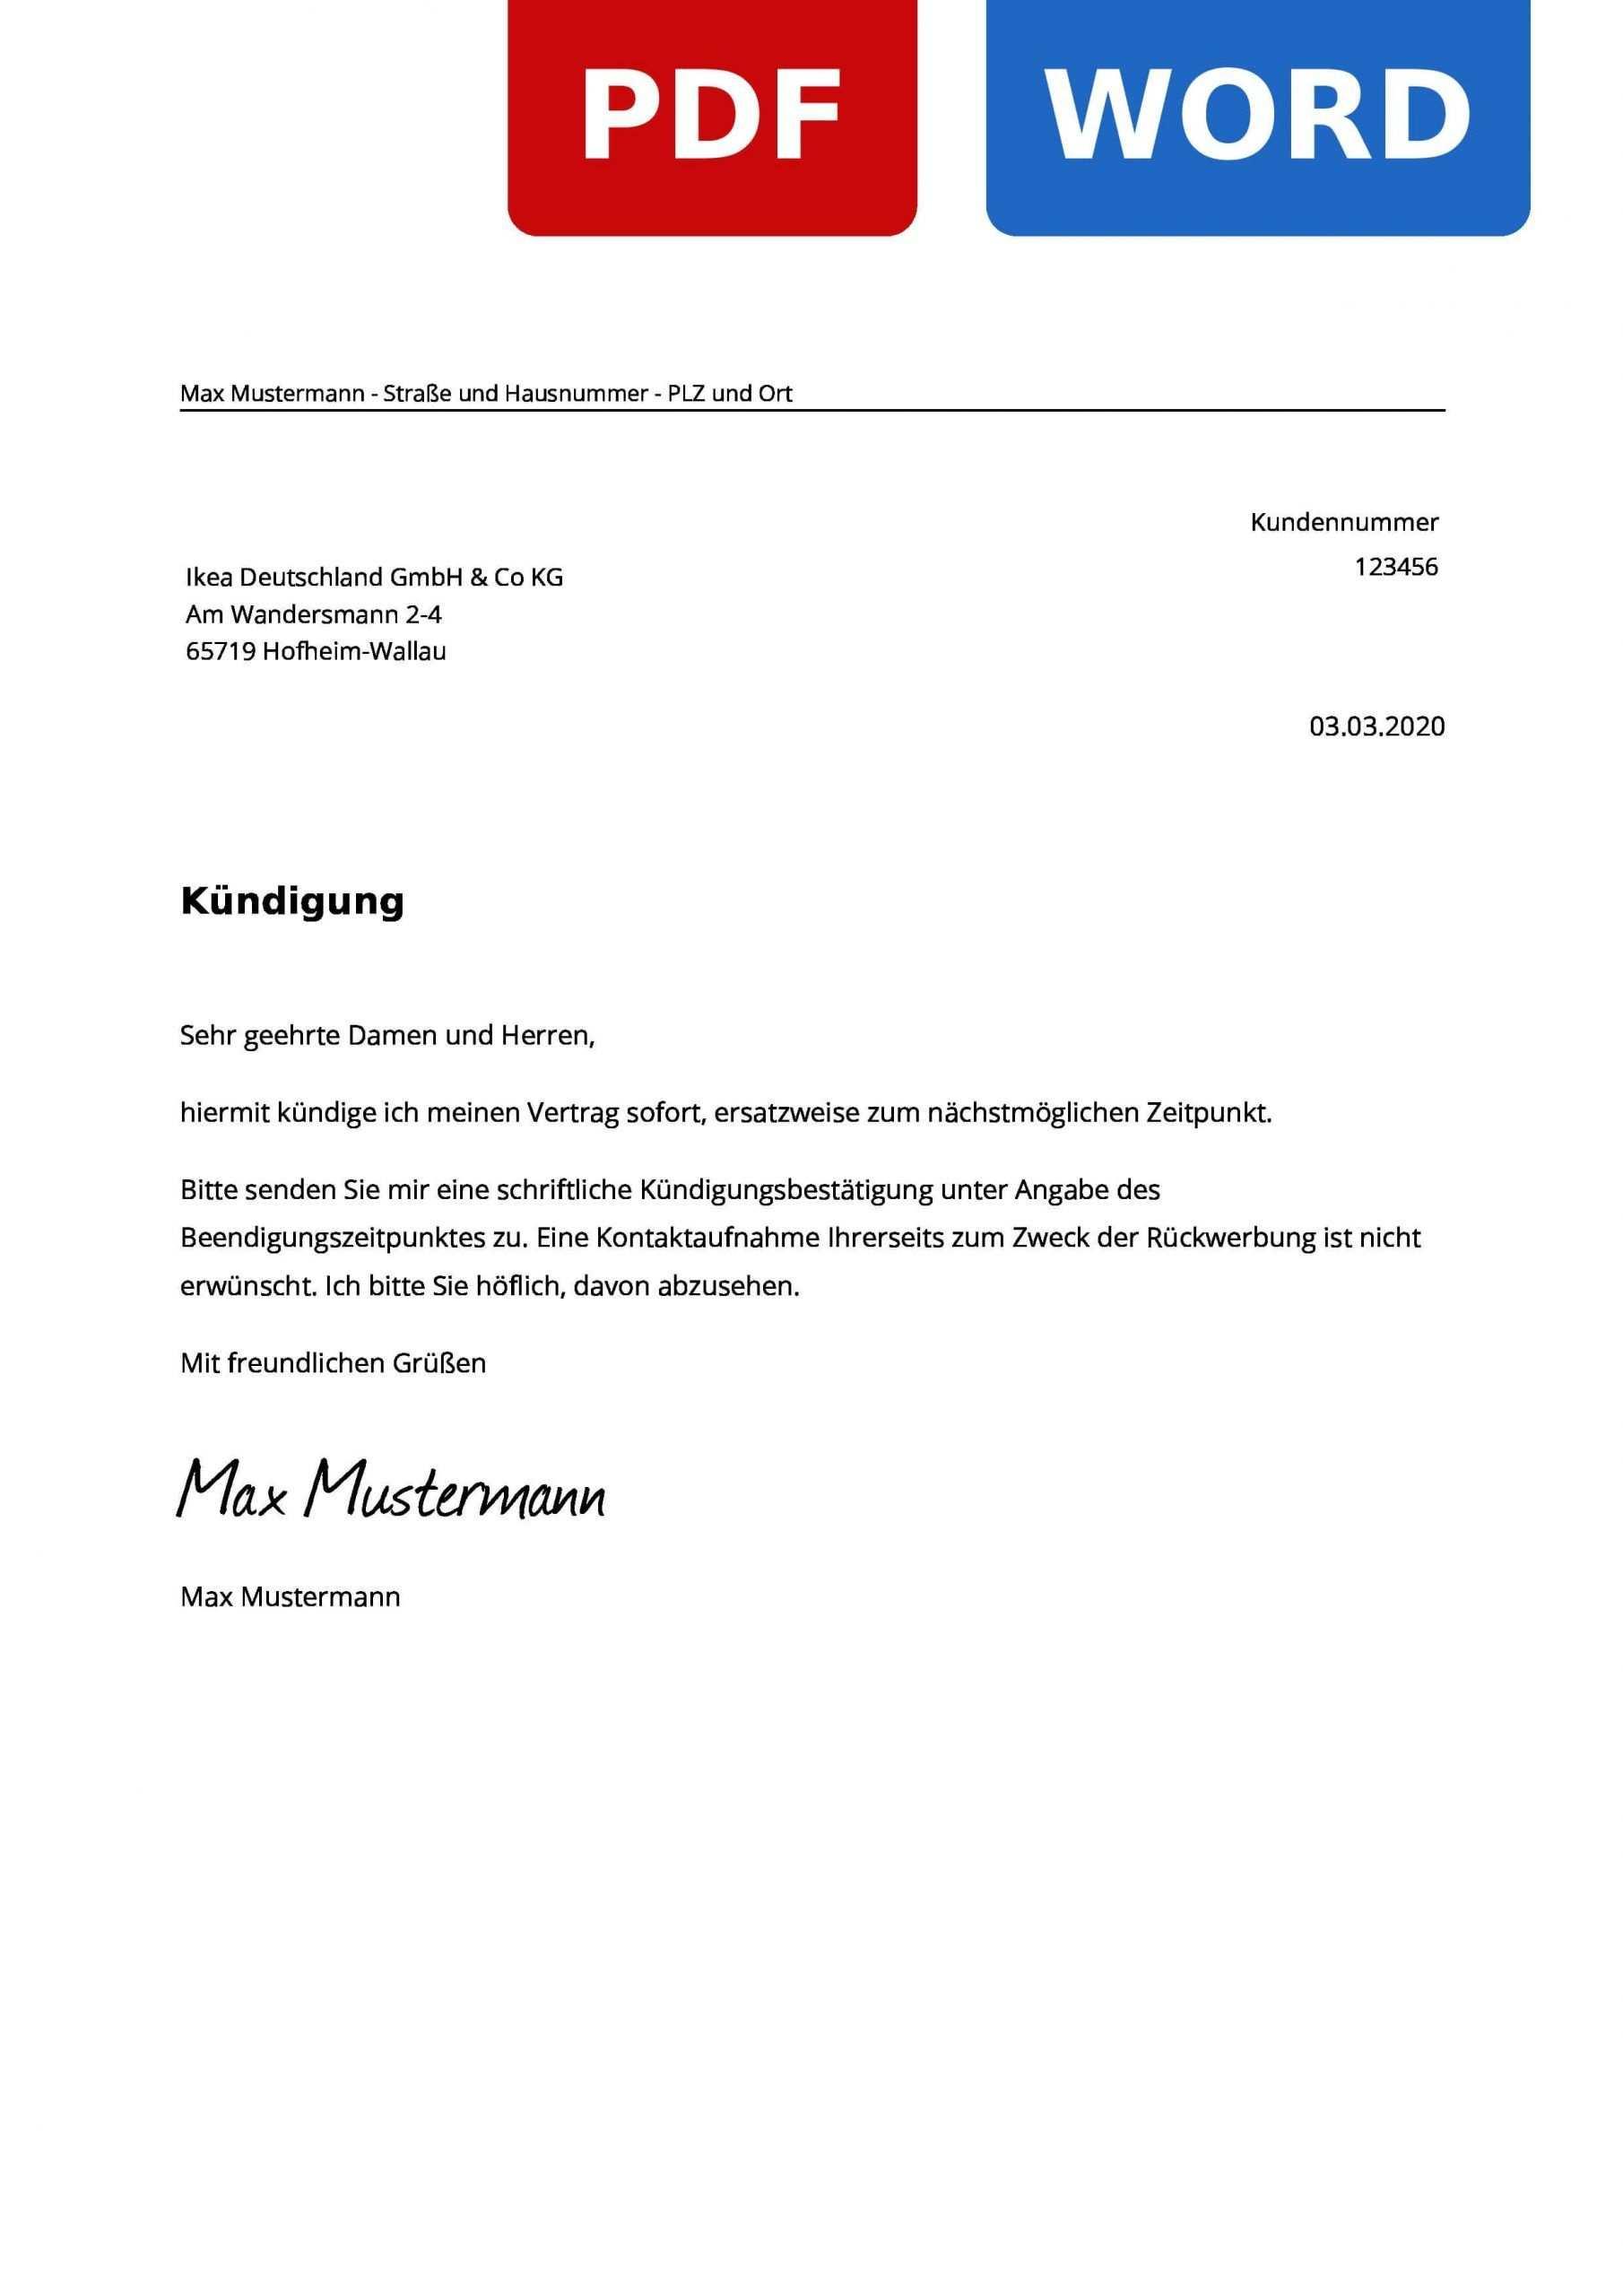 Ikea Karte Geld Abheben In 2020 Vorlagen Word Vorlagen Microsoft Word